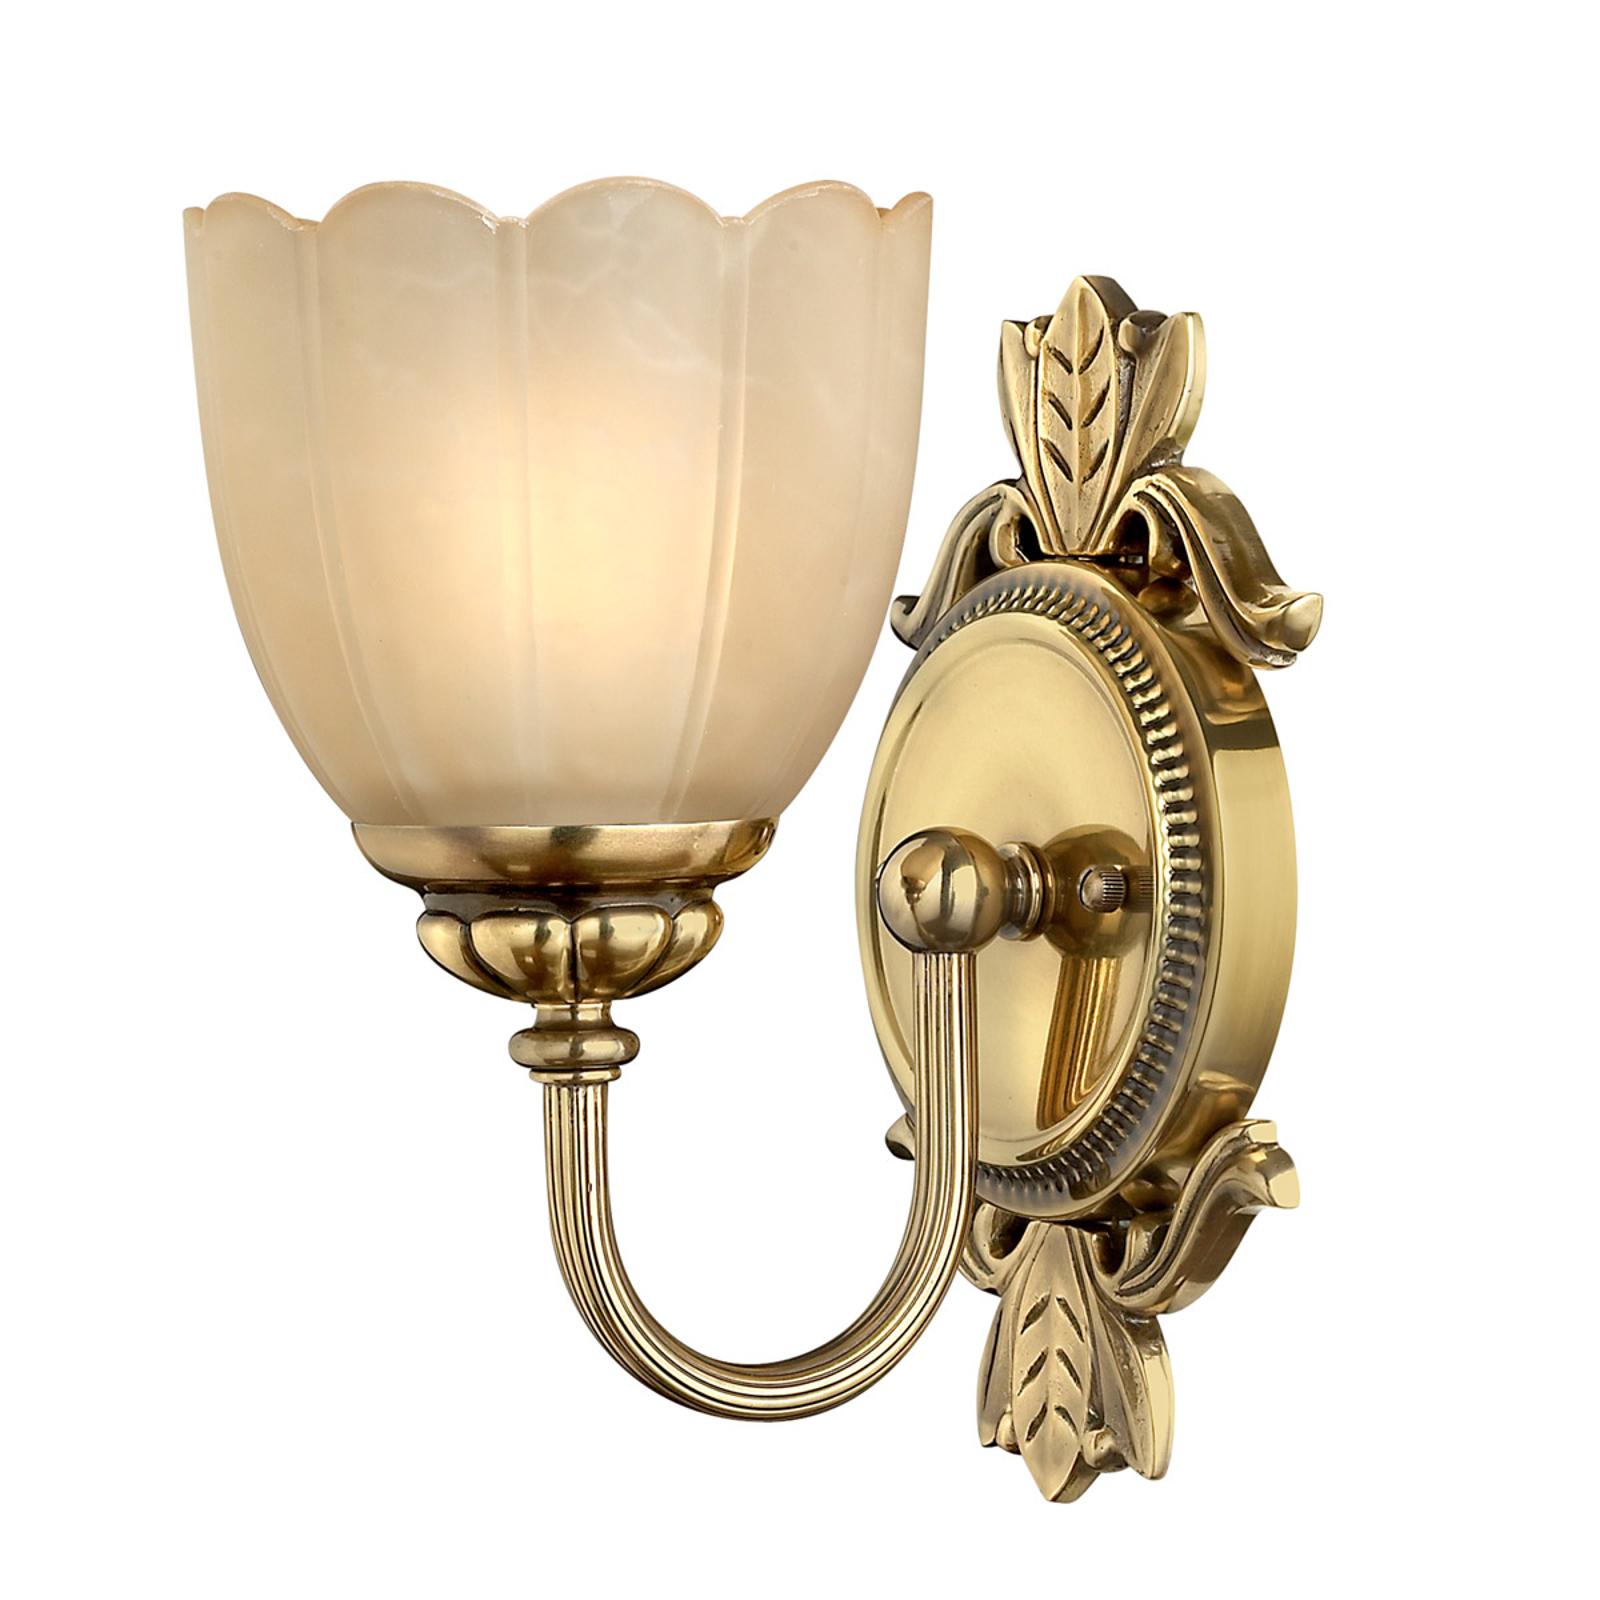 Handmade bathroom wall lamp Isabella_3048350_1